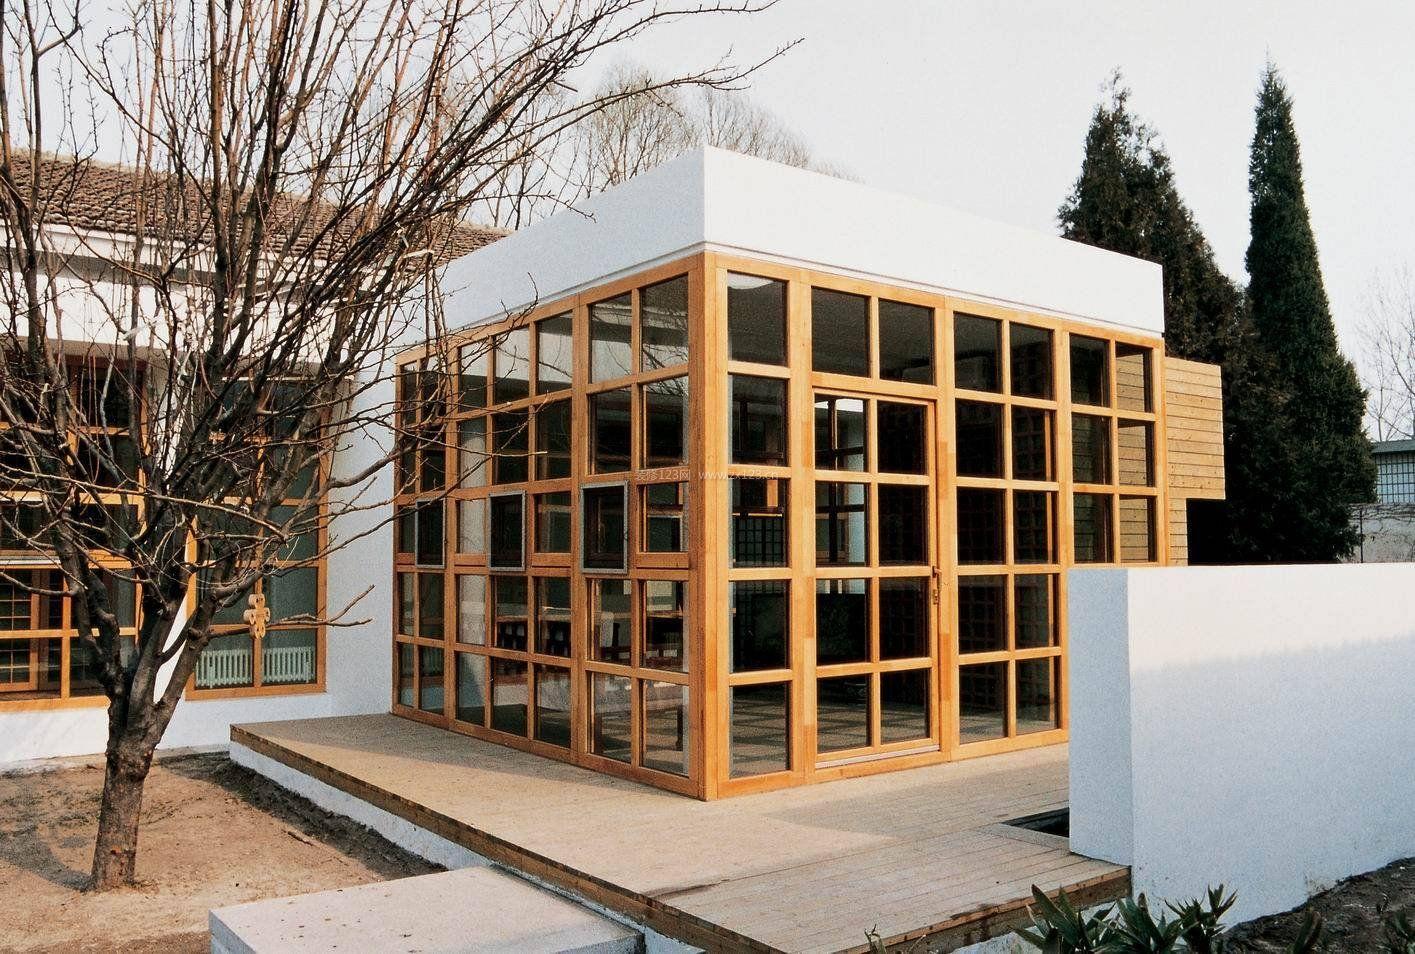 2017木制别墅外观玻璃设计装修效果图片